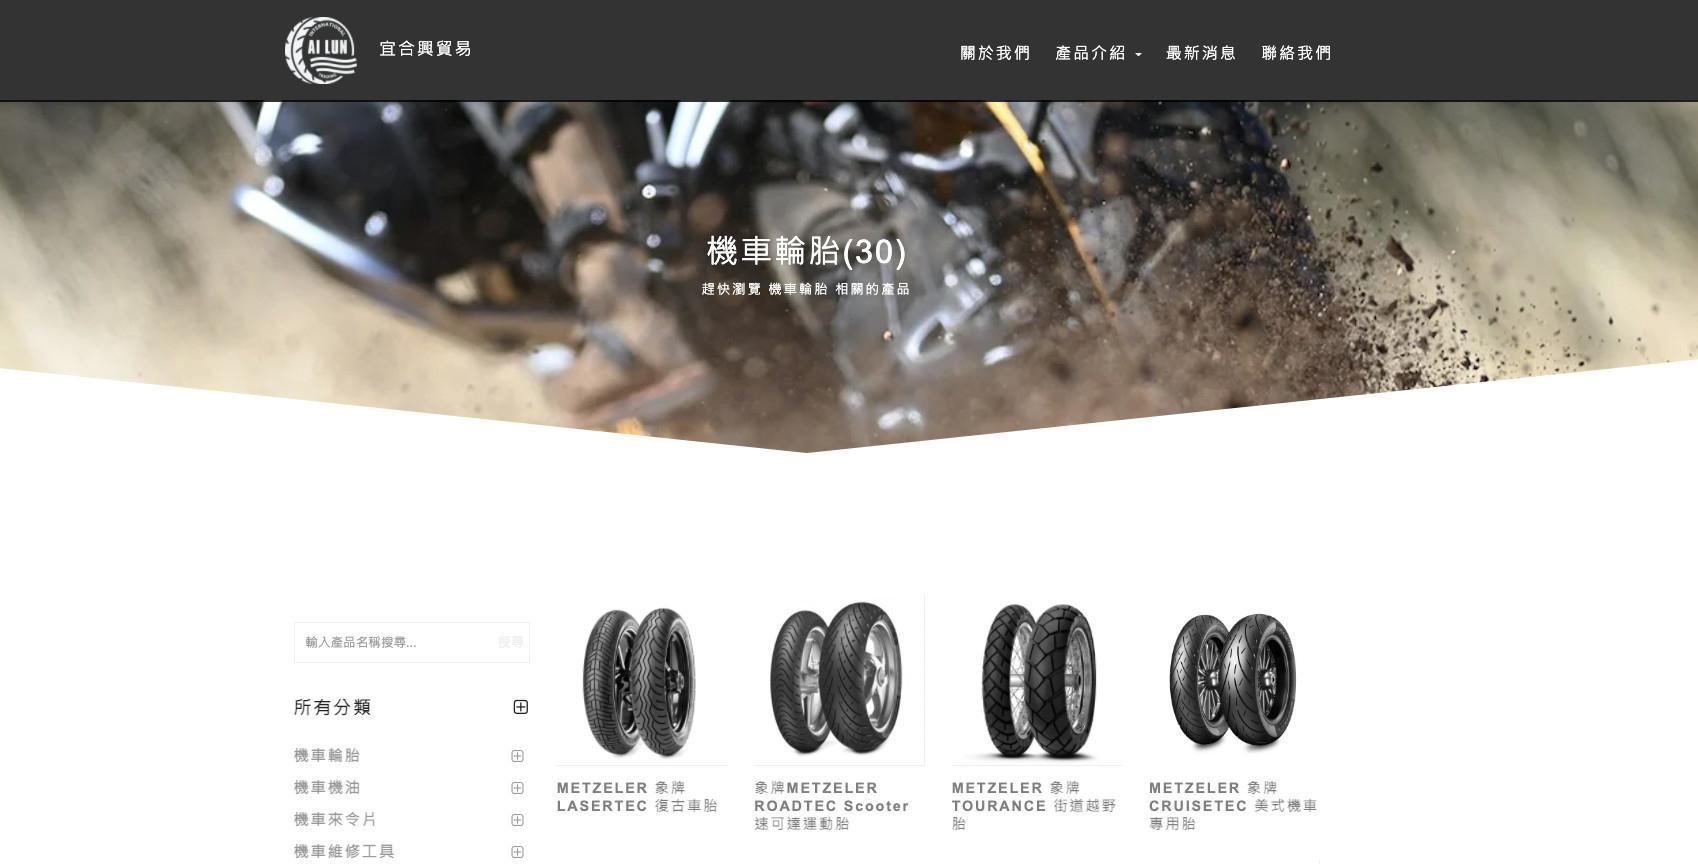 高雄SEO優化網頁設計成功案例-產品分類頁 宜合興機車零件及輪胎貿易商